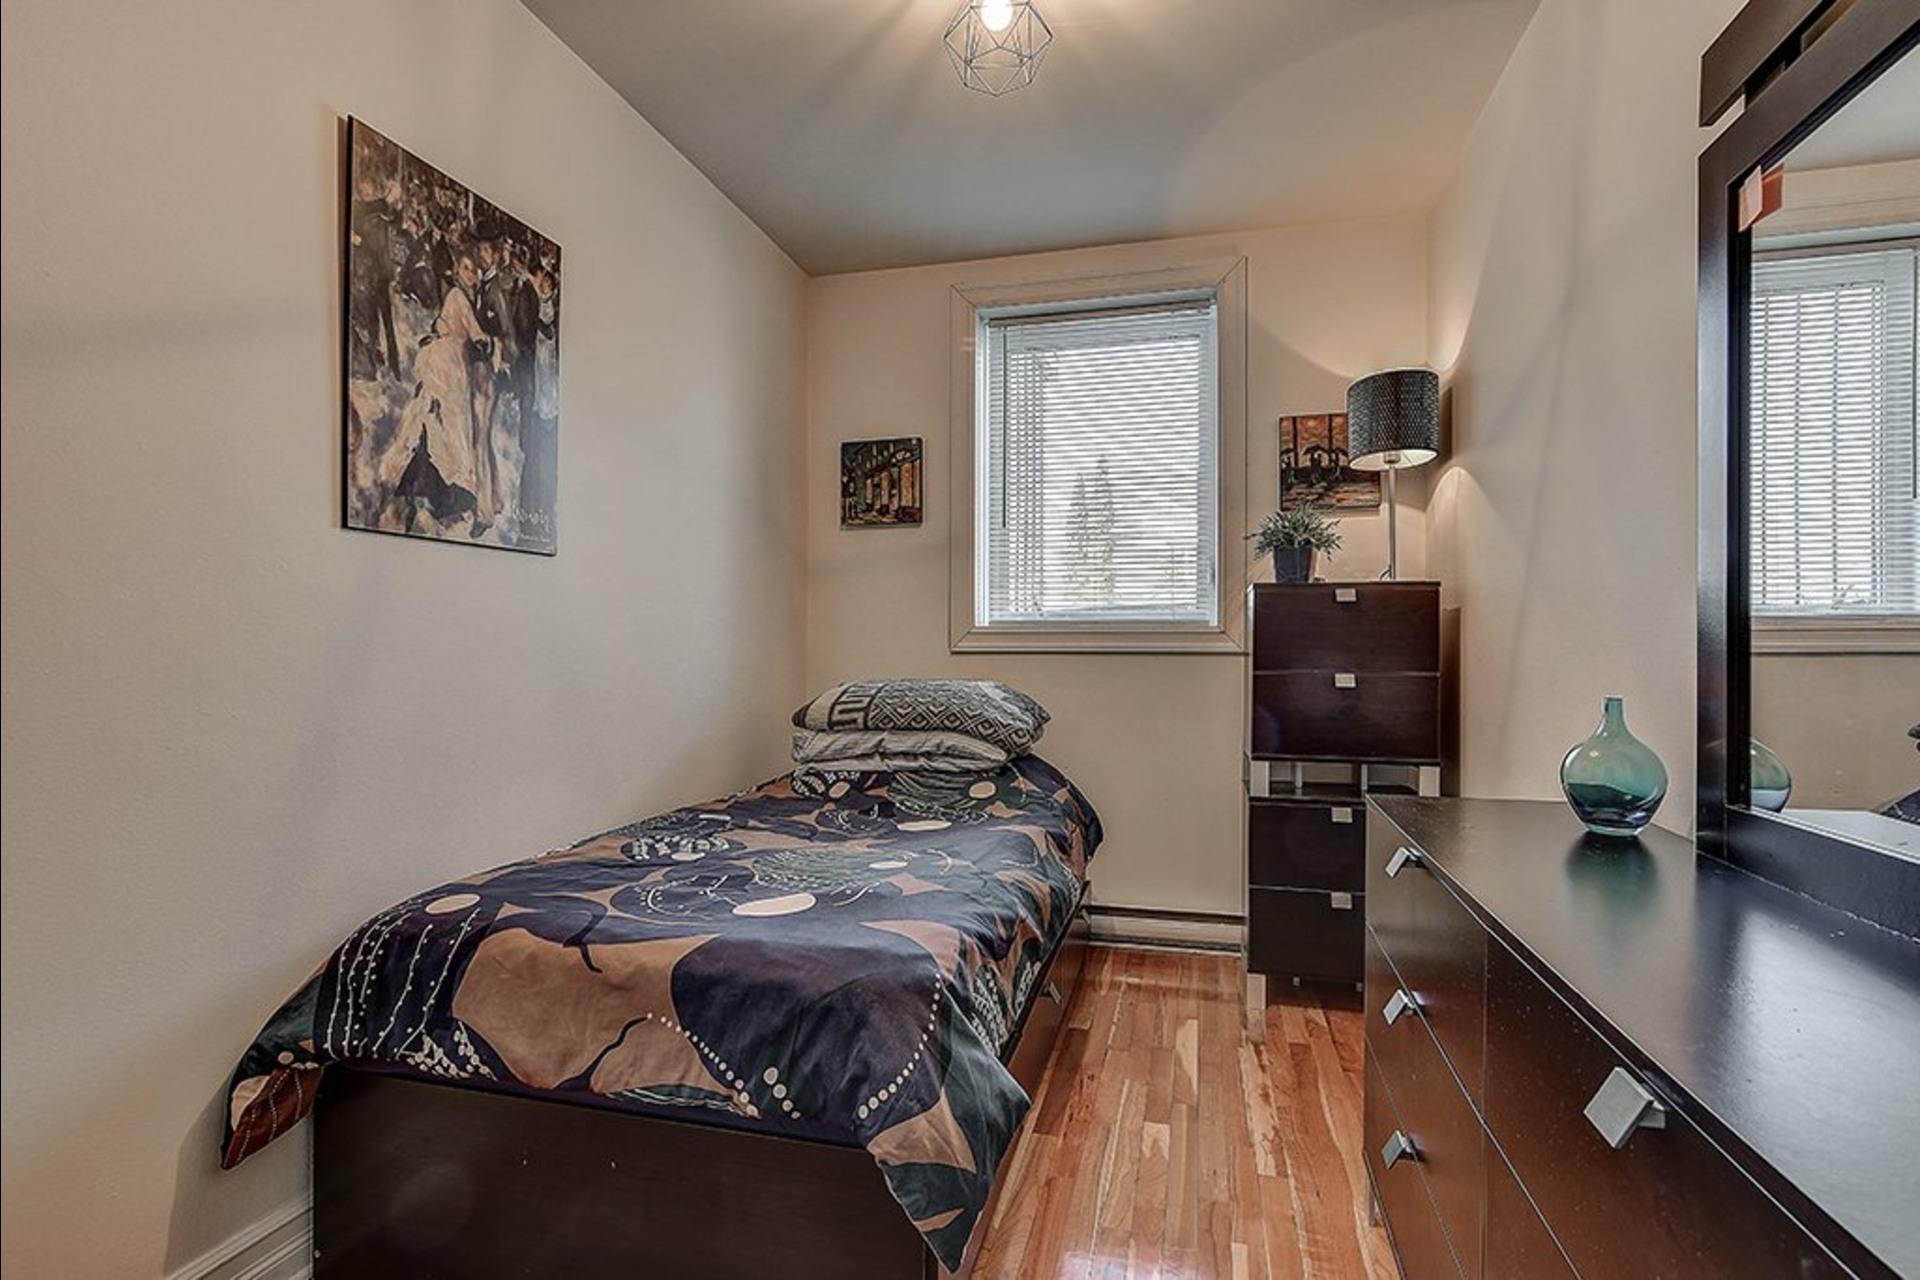 image 20 - 收入财产 出售 Le Sud-Ouest Montréal  - 4 室